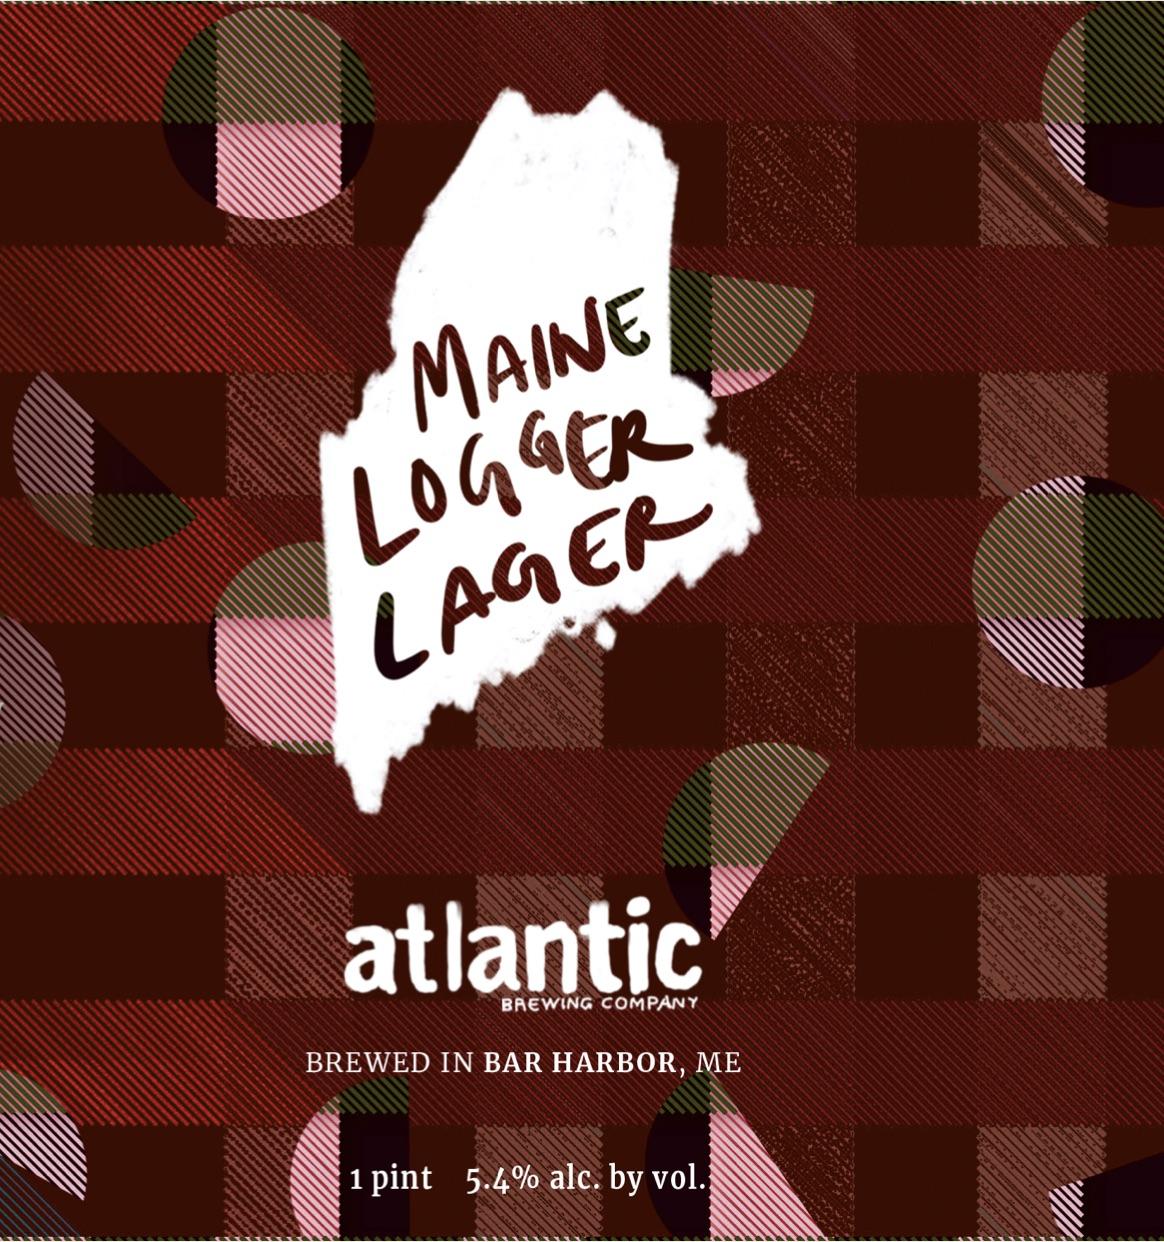 Maine Logger Lager